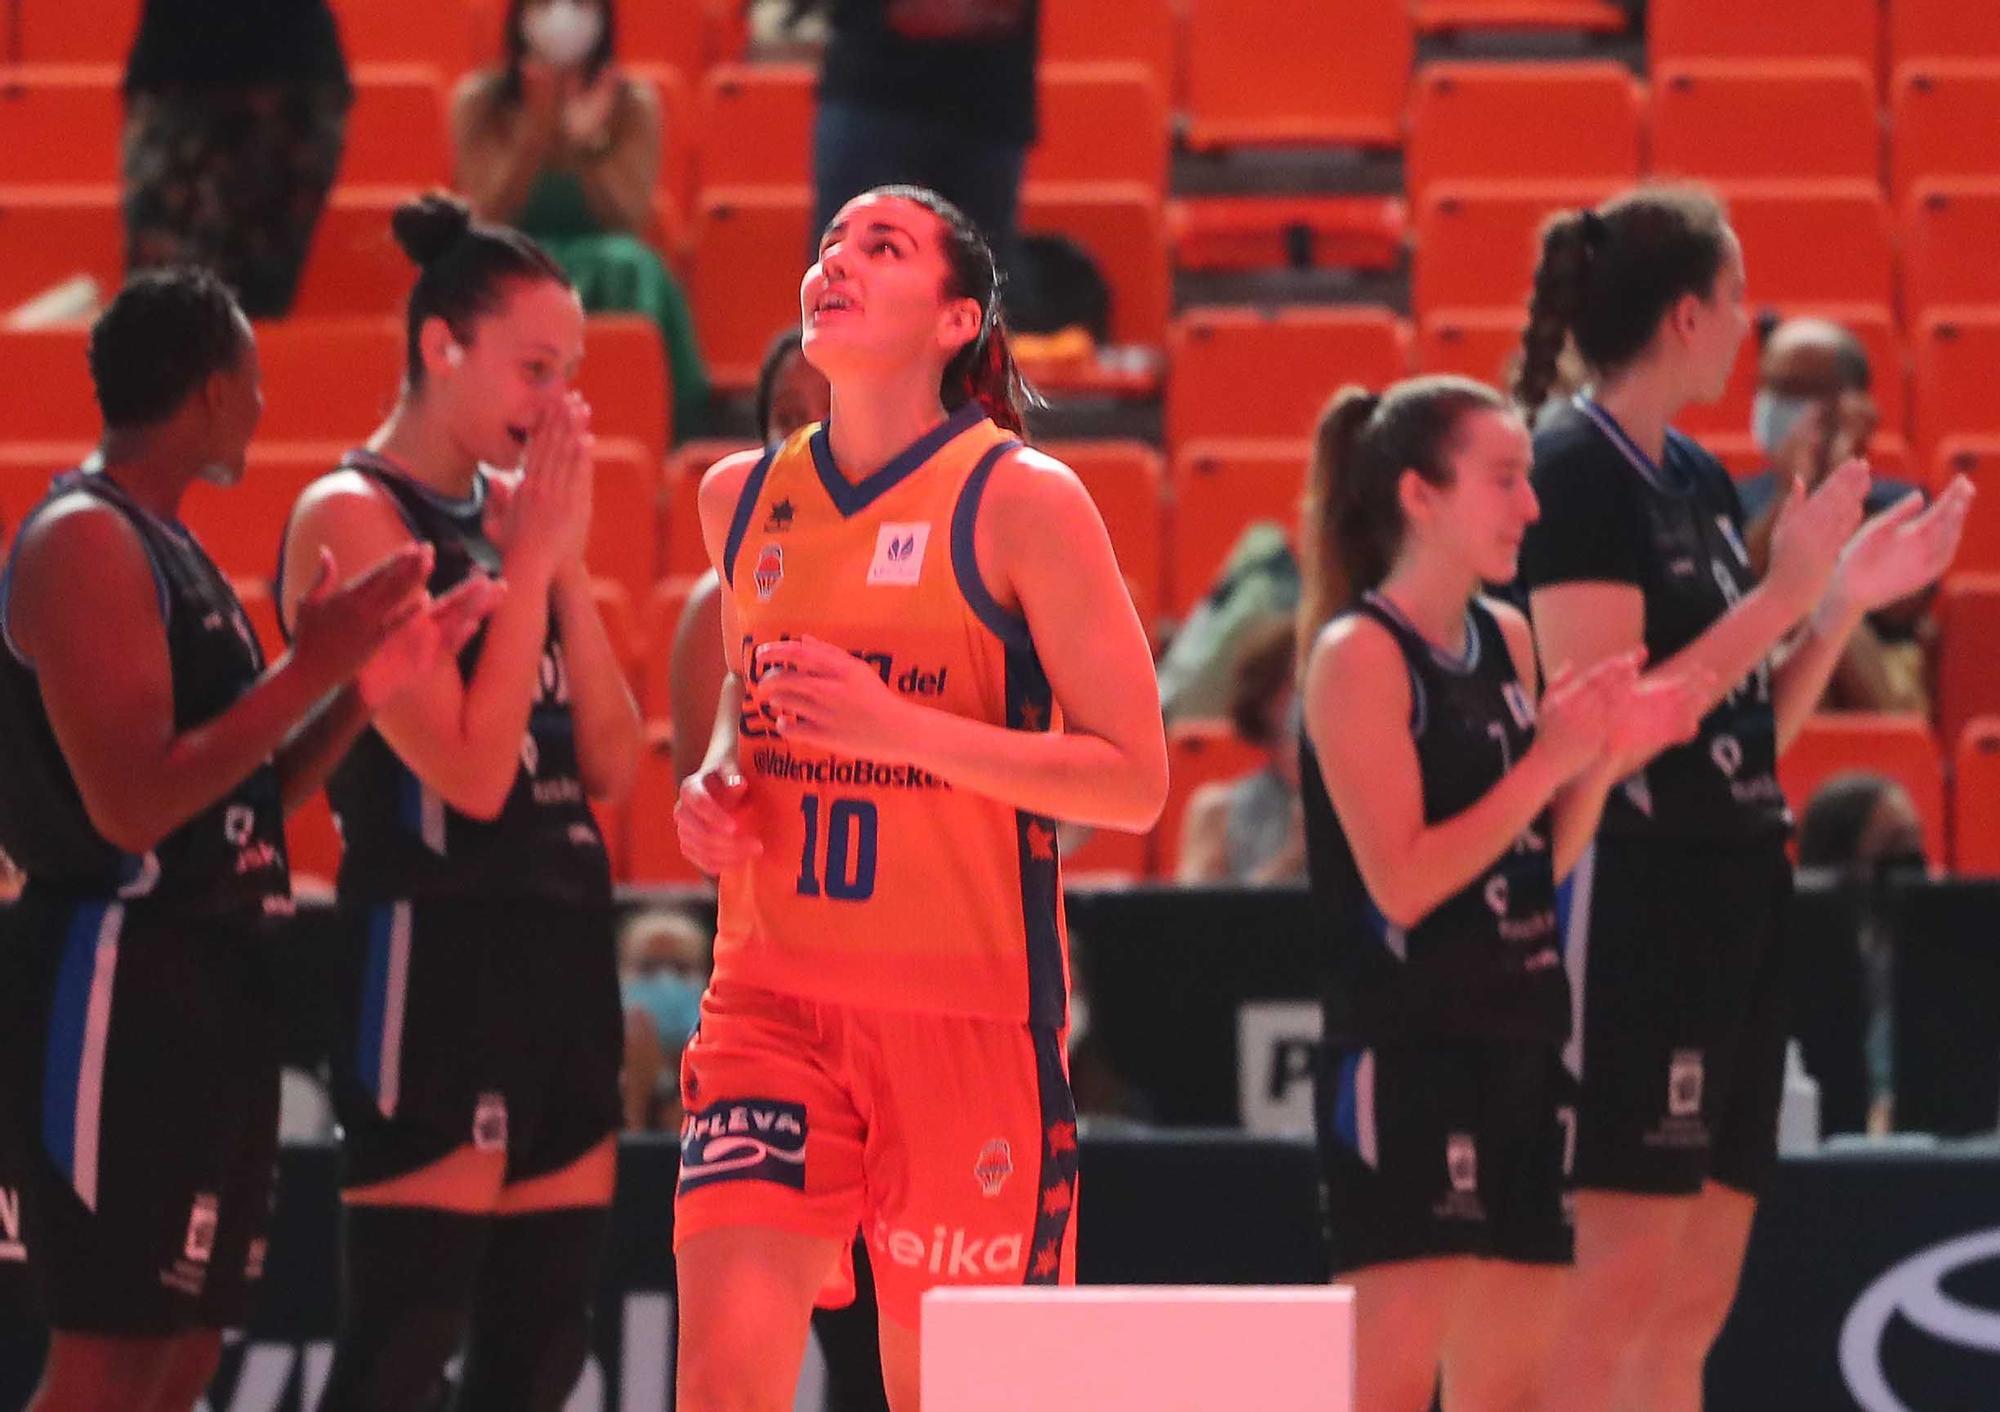 Valencia Basket - IDK Euskotren